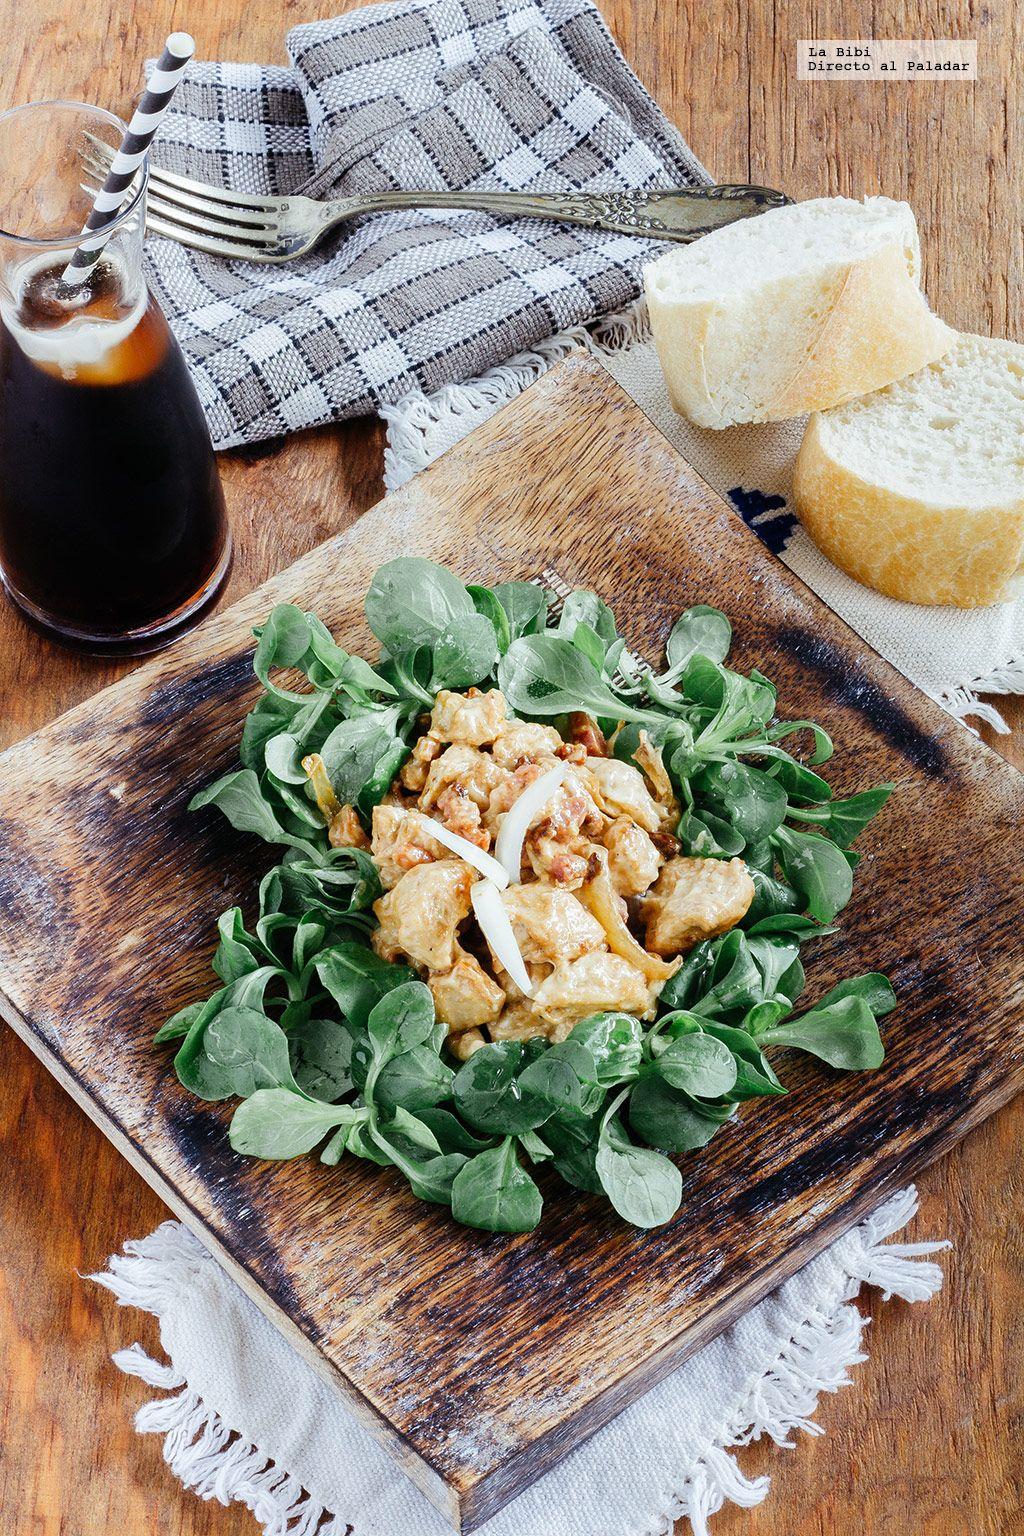 Ensalada de pollo y tocino. Receta con fotografías de cómo hacerla y recomendaciones de cómo servirla. Recetas de ensaladas. recetas de pollo